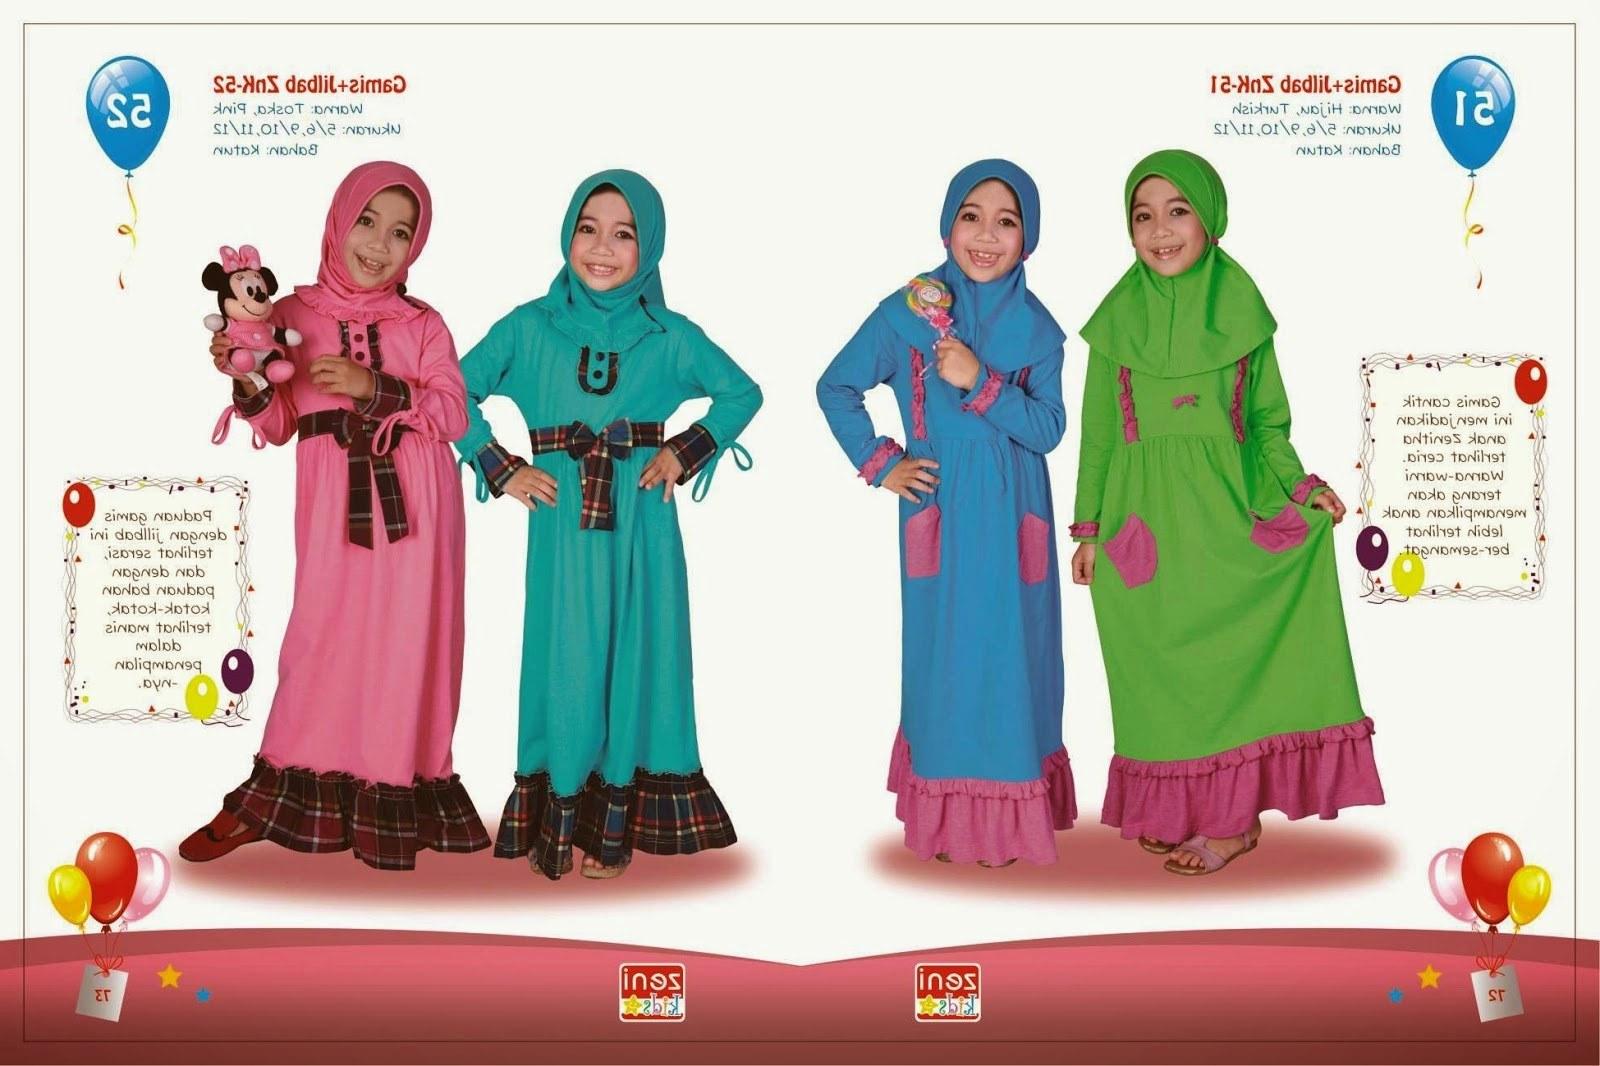 Ide Baju Lebaran Yang Terbaru Jxdu Baju Lebaran Anak Setelan Gamis Yang Imut Dan Lucu 2015